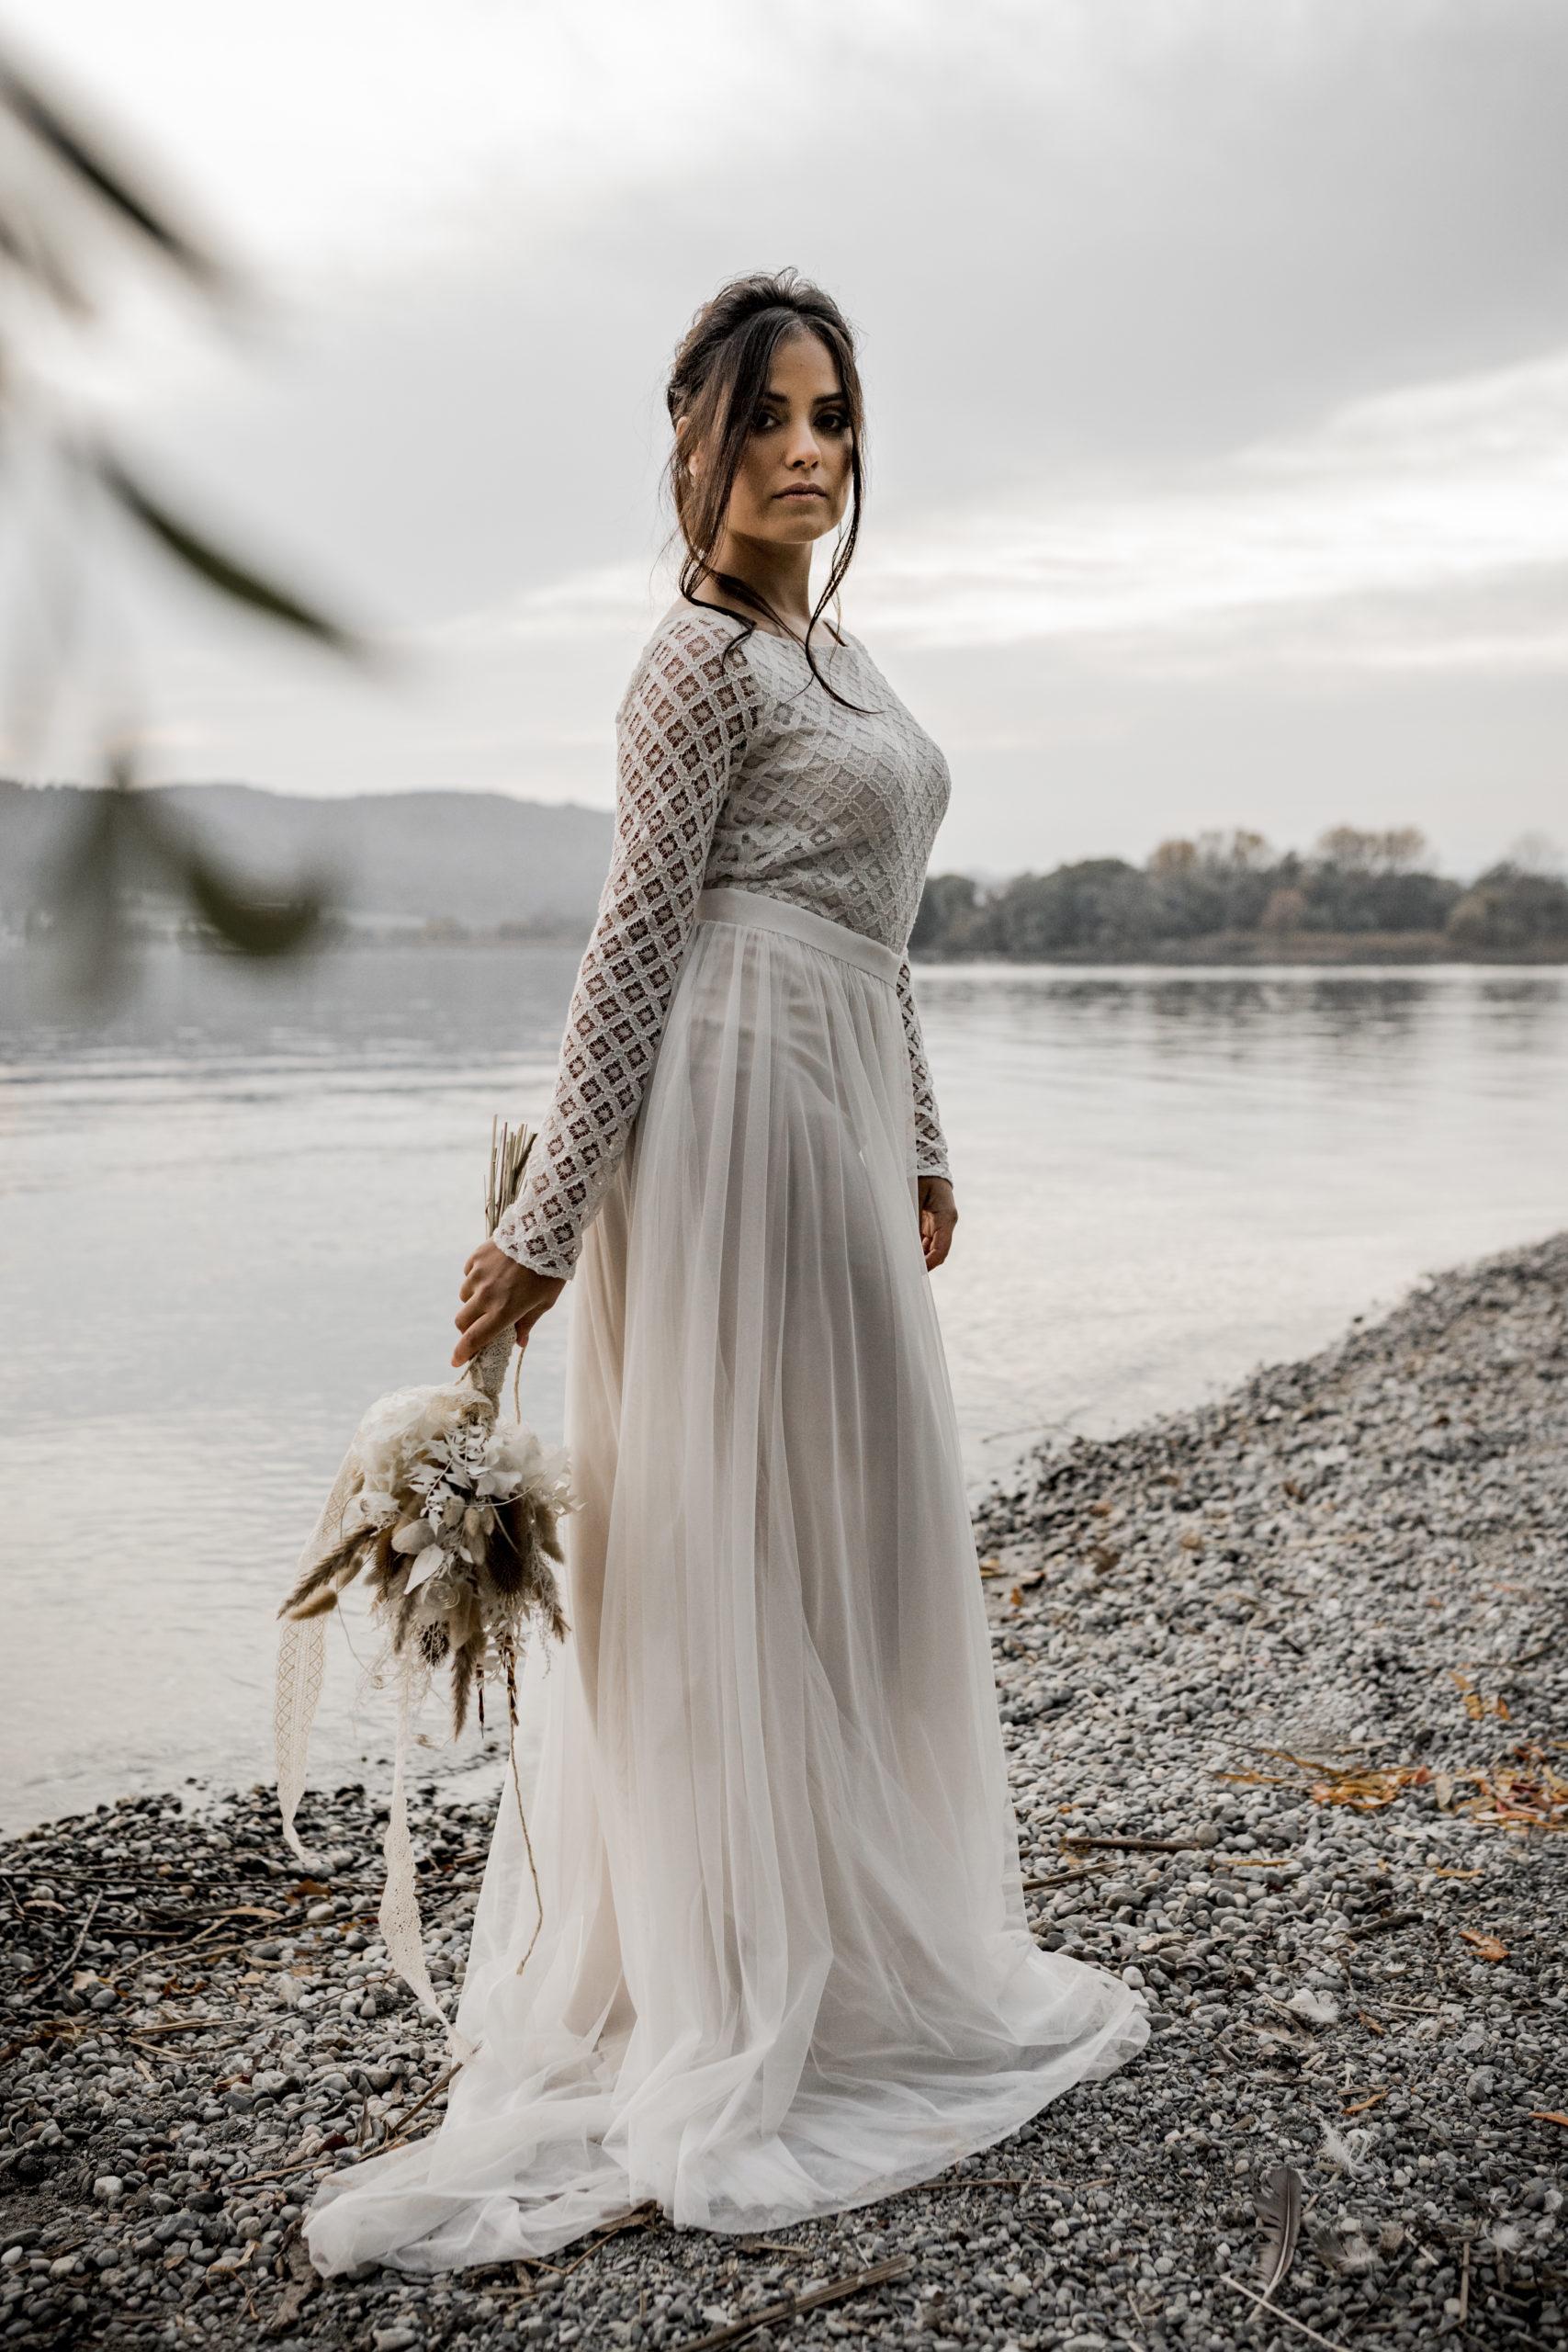 noni Brautmode, Styled Shoot am Bodensee, Model mit zweiteiligem Hochzeitskleid mit tiefem Rückenausschnitt und langem Tüllrock in Ivory mit Blush, Brautstrauss haltend